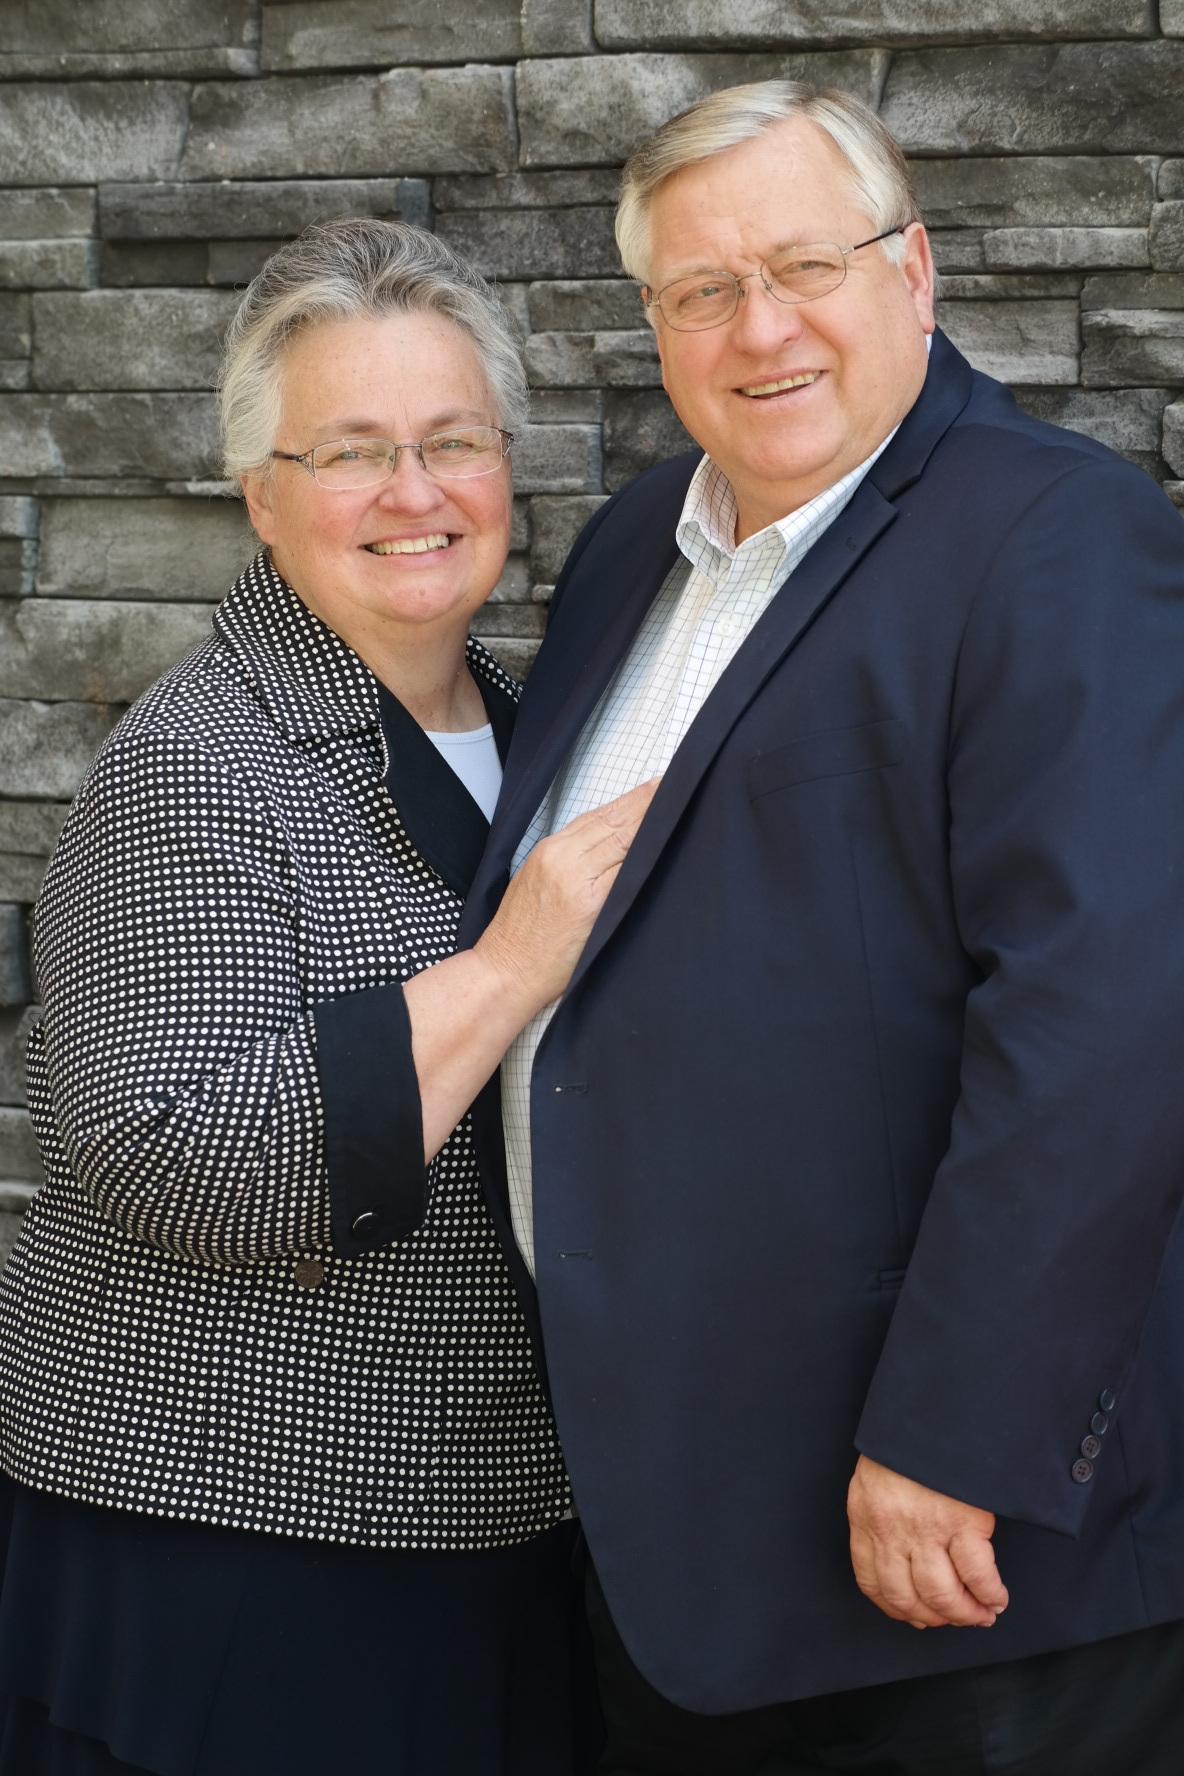 Pastor Rev. Don and June ingram